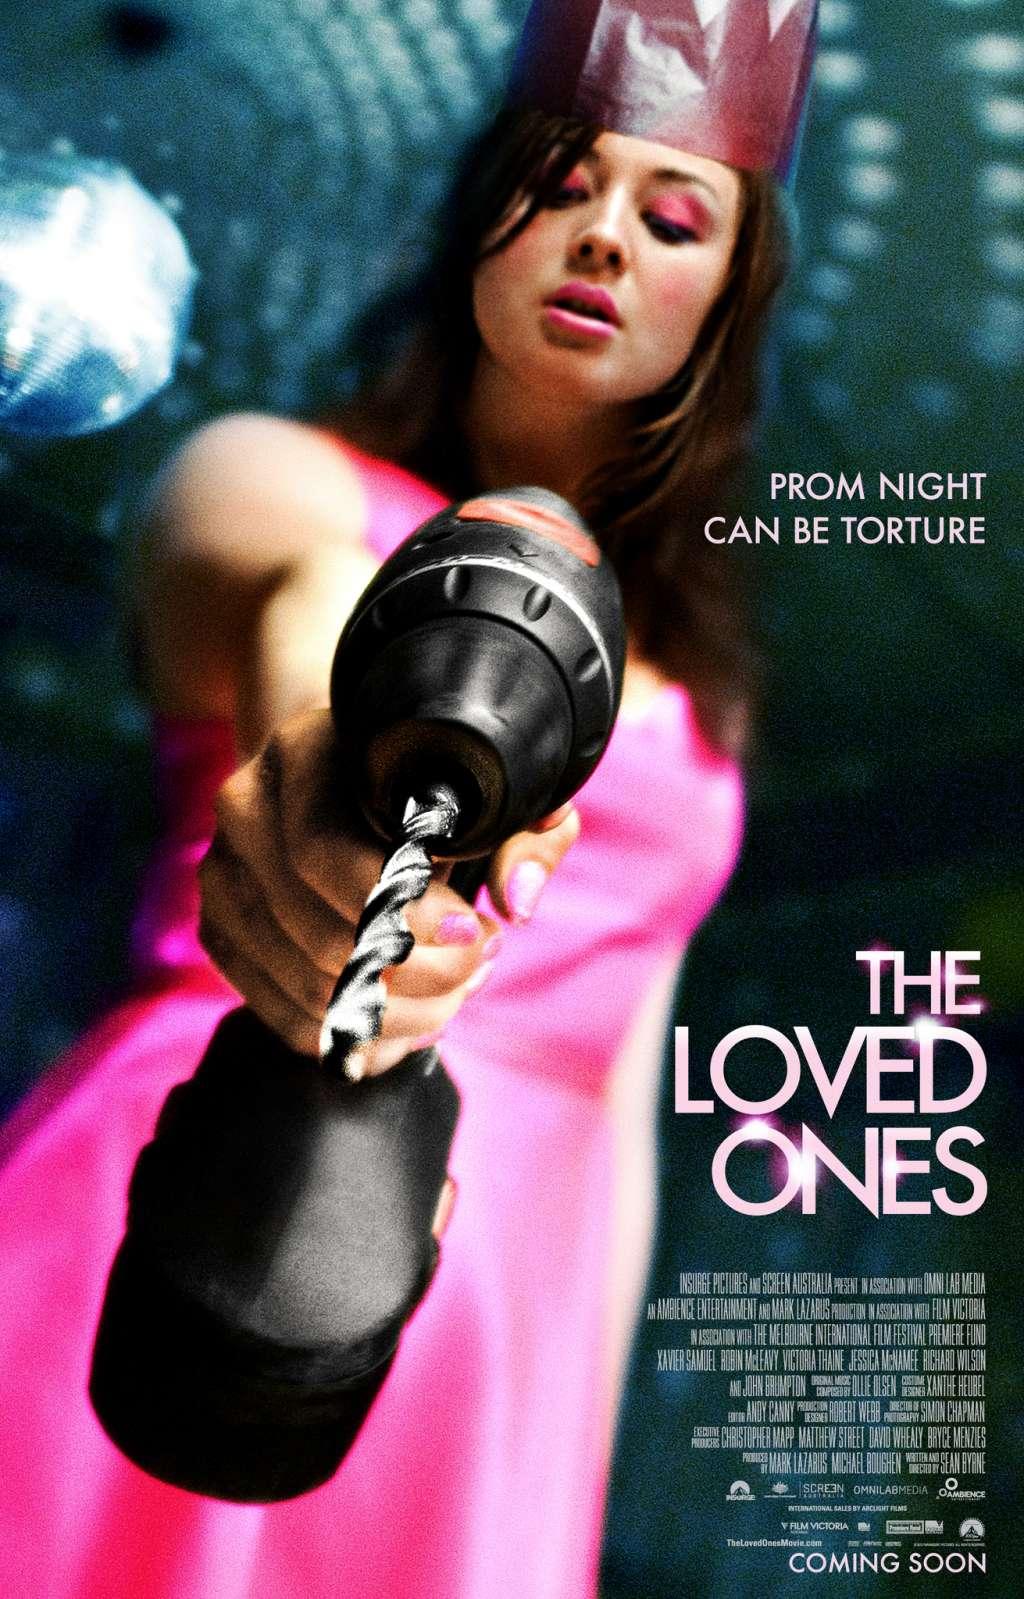 The Loved Ones kapak